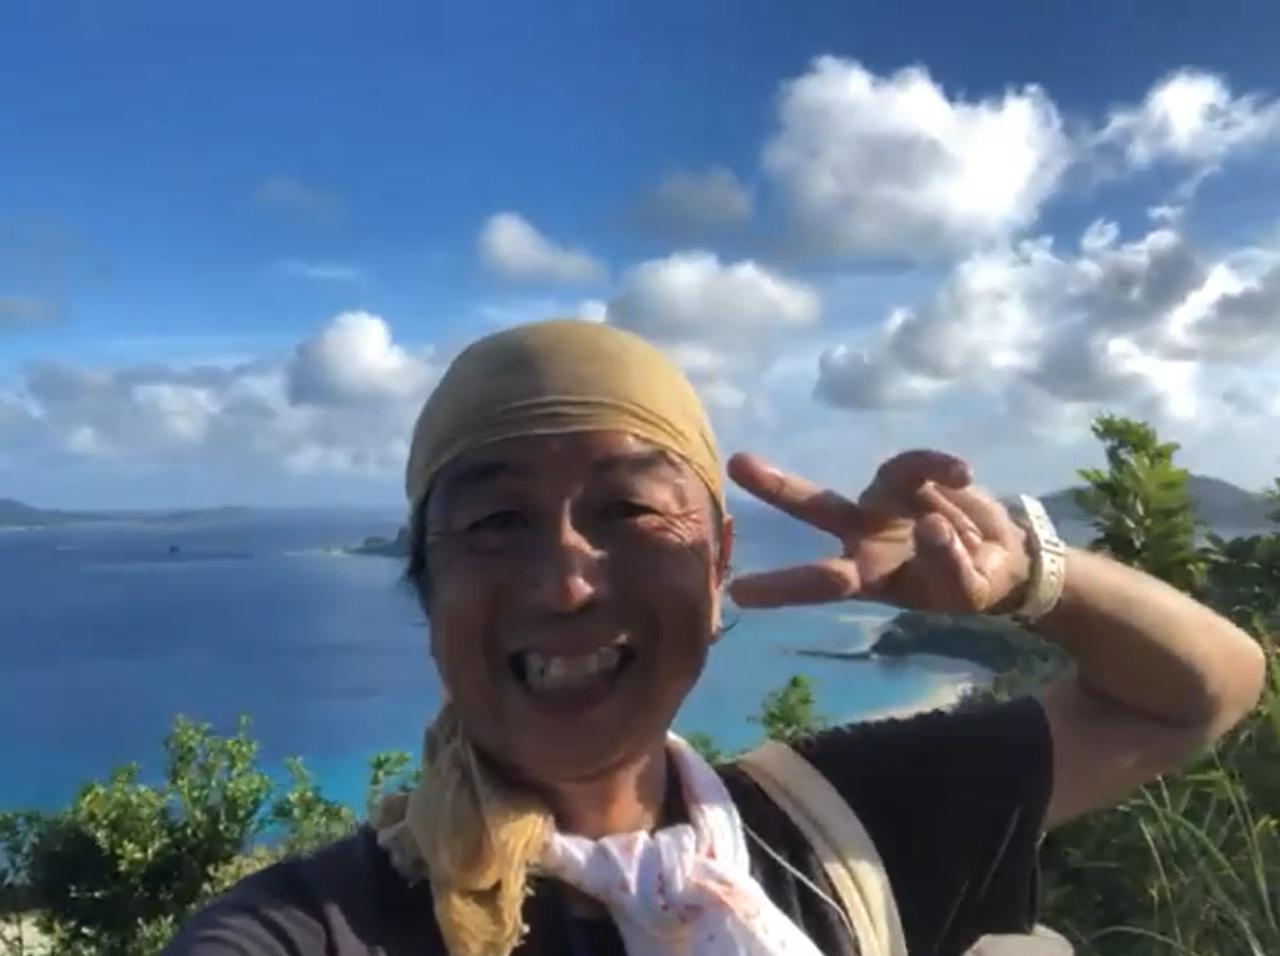 """愛知県出身、座間味島在住28年の大坪弘和さん、愛称""""つぼっち""""。チョウや、は虫類にスポットを当てたツアー、動画や写真を使ったクジラガイド等、約10本のオンラインツアーを実施中。"""